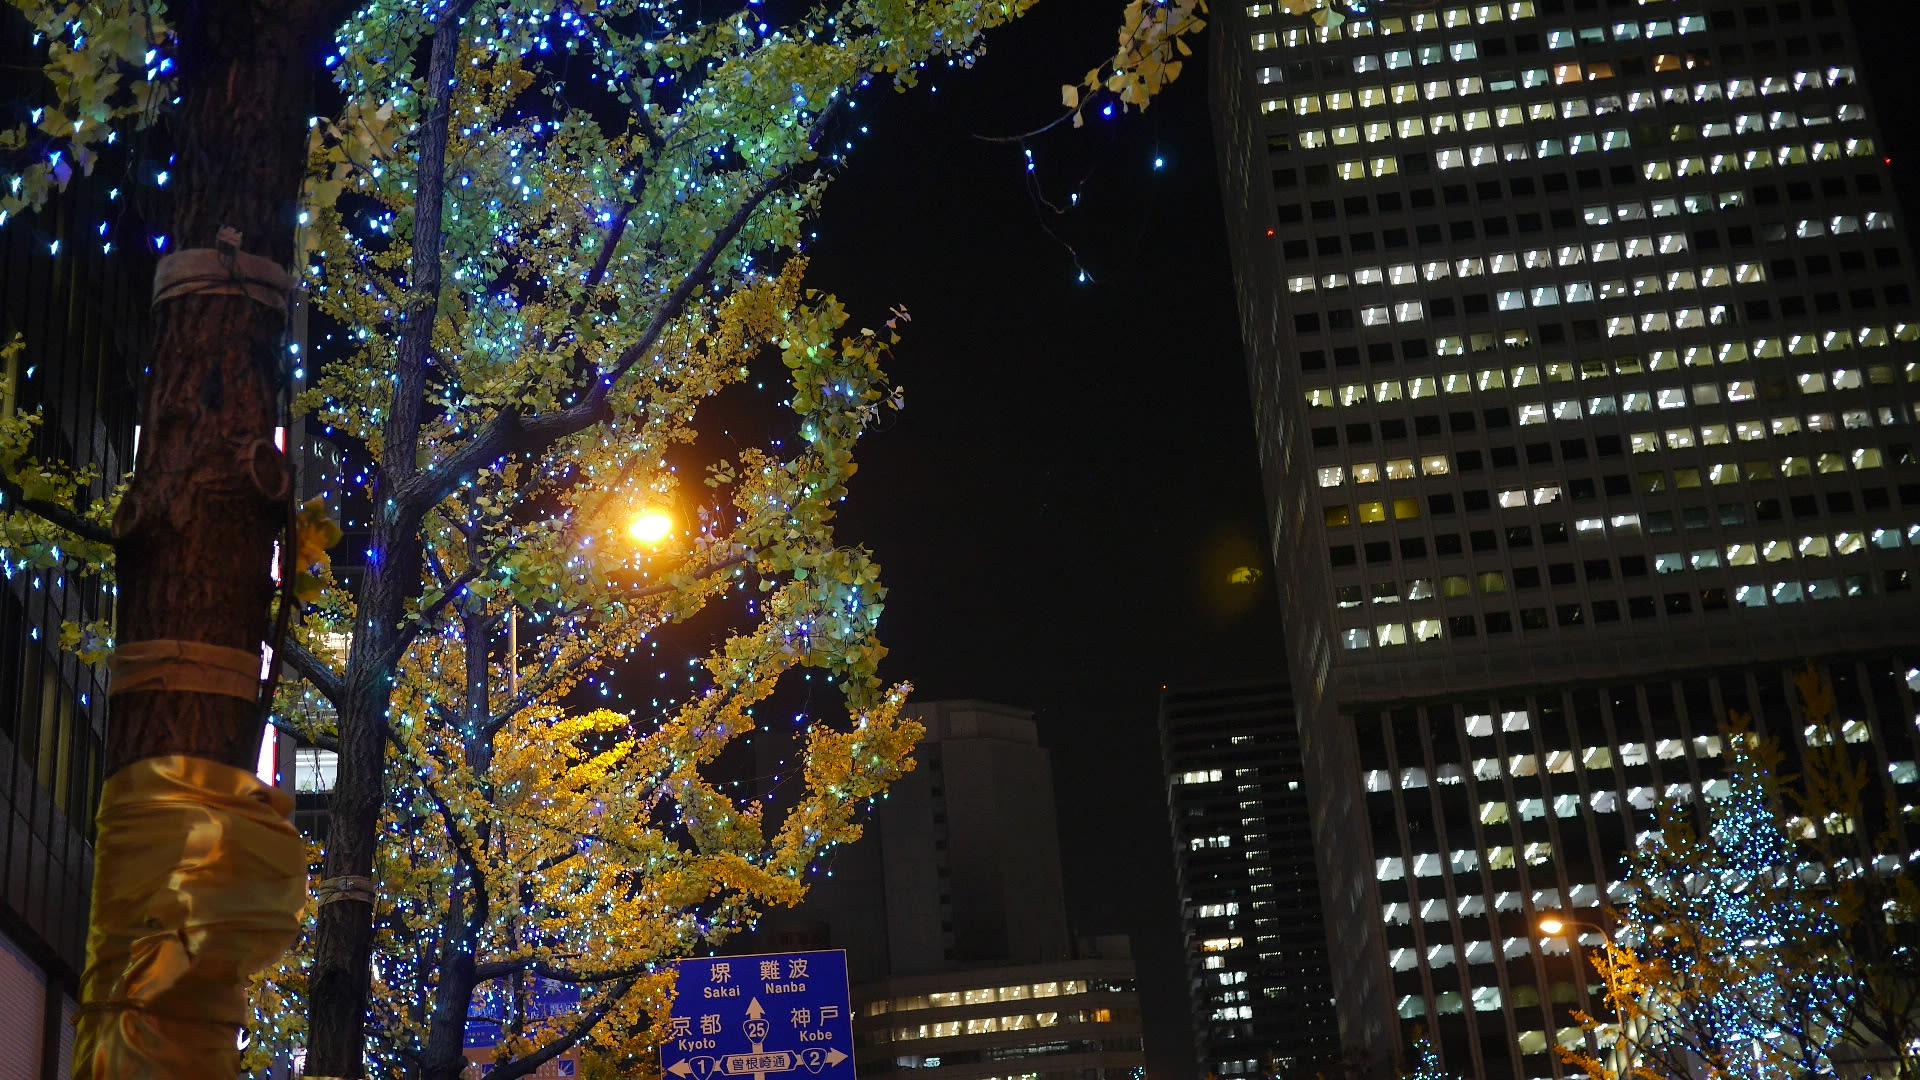 街に出たとき、日本のすばらしさ...